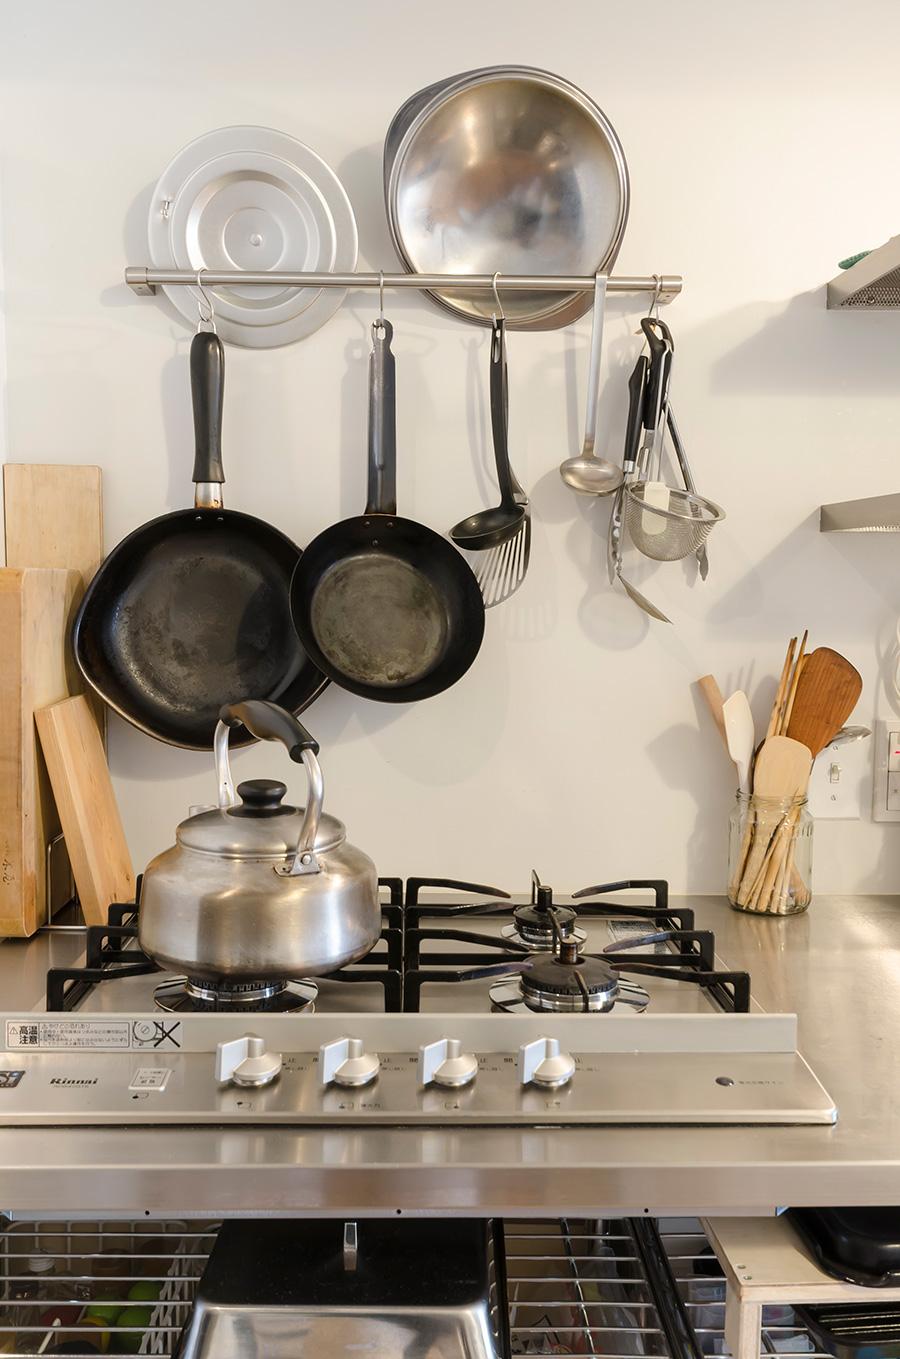 シンプルなキッチン。グリルのないガスコンロはこだわり。